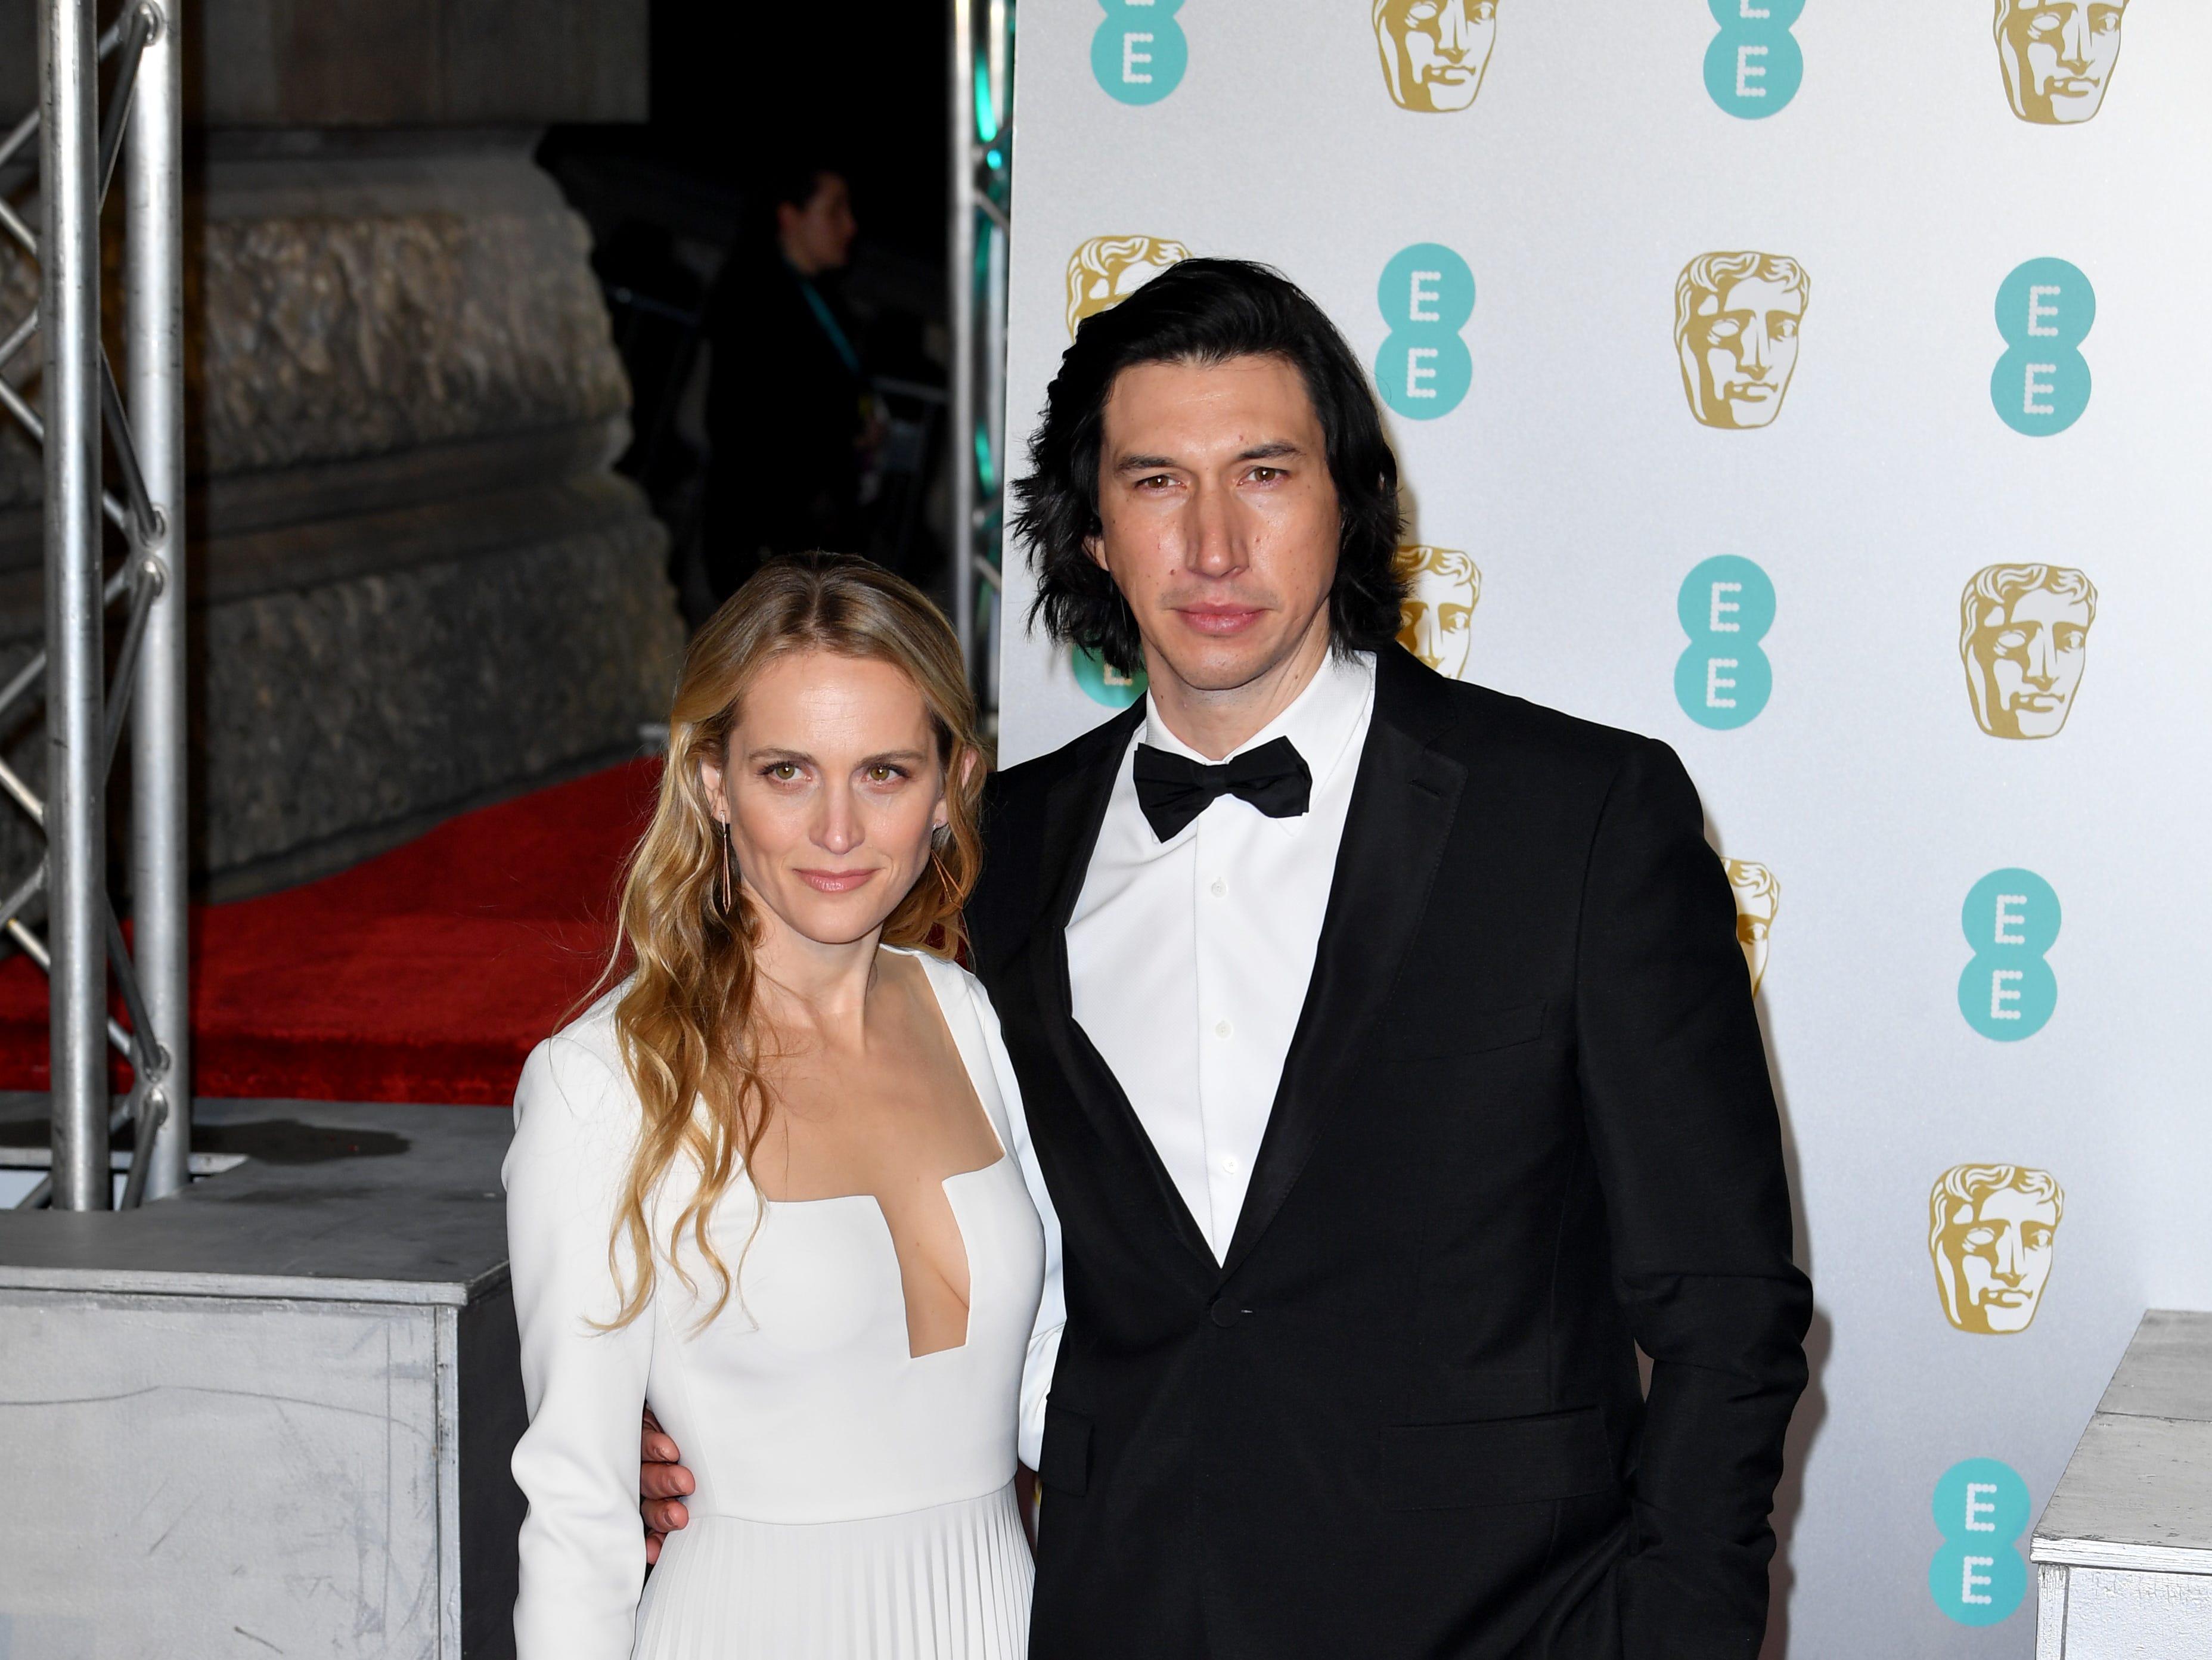 Adam Driver (der) y Joanne Tucker a su llegada a la alfombra roja de los Premios de la Academia Británica de Cine BAFTA en el Royal Albert Hall en Londres el 10 de febrero de 2019.